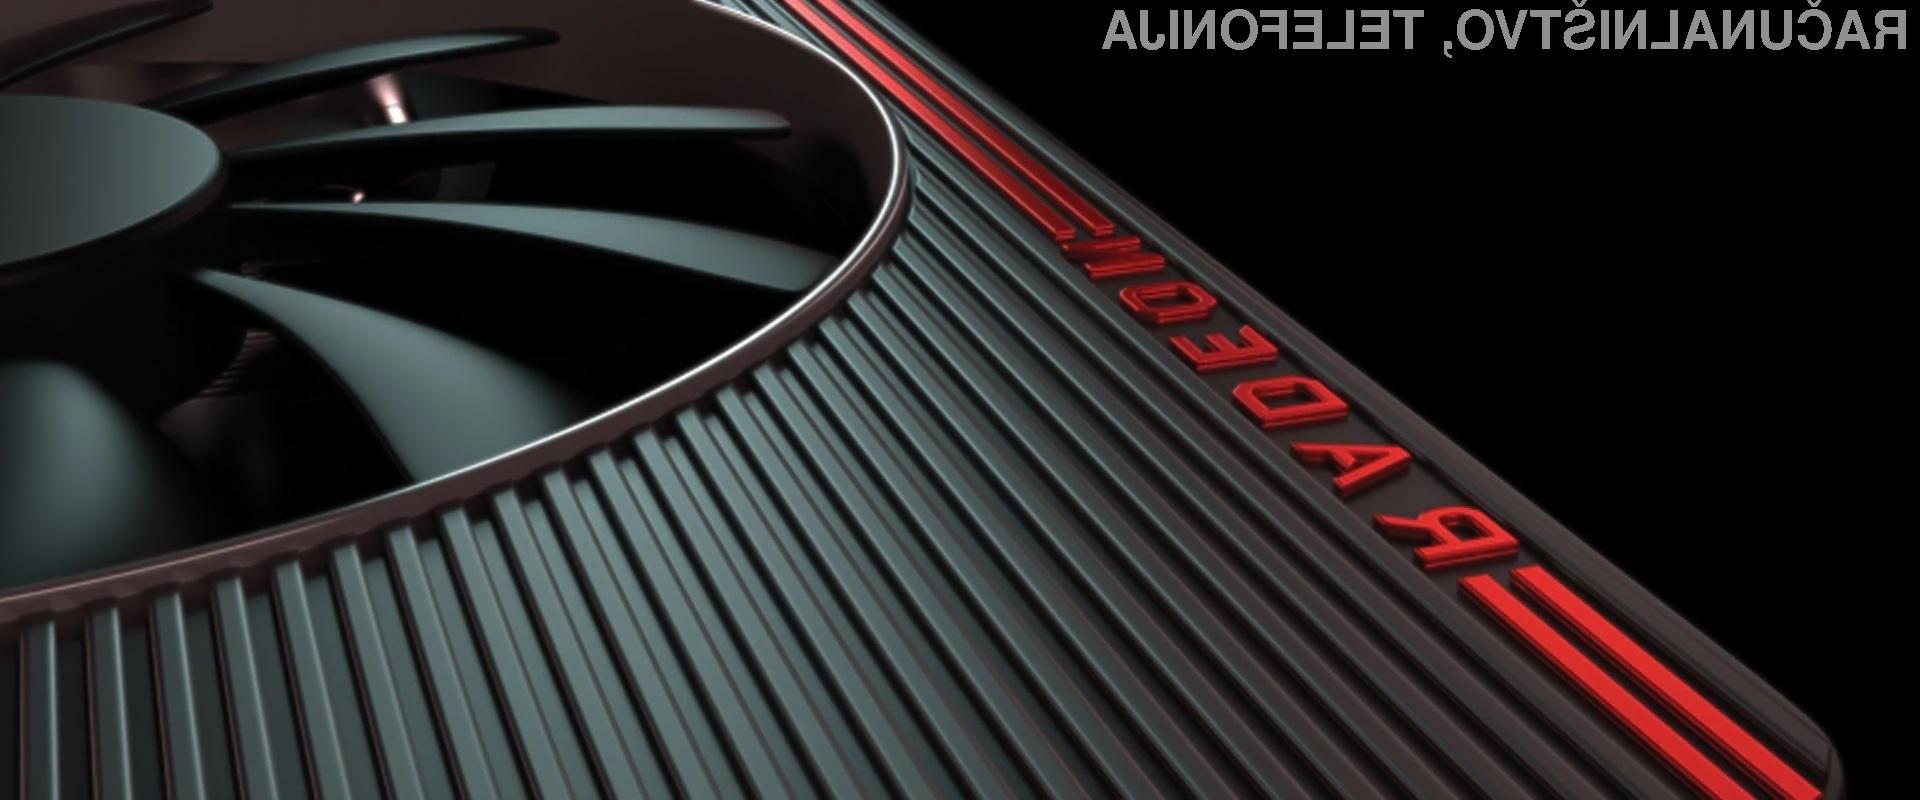 Grafične kartice AMD »big Navi« bodo precej zmogljivejše v primerjavi z obstoječimi modeli grafičnih rešitev AMD Radeon XT.